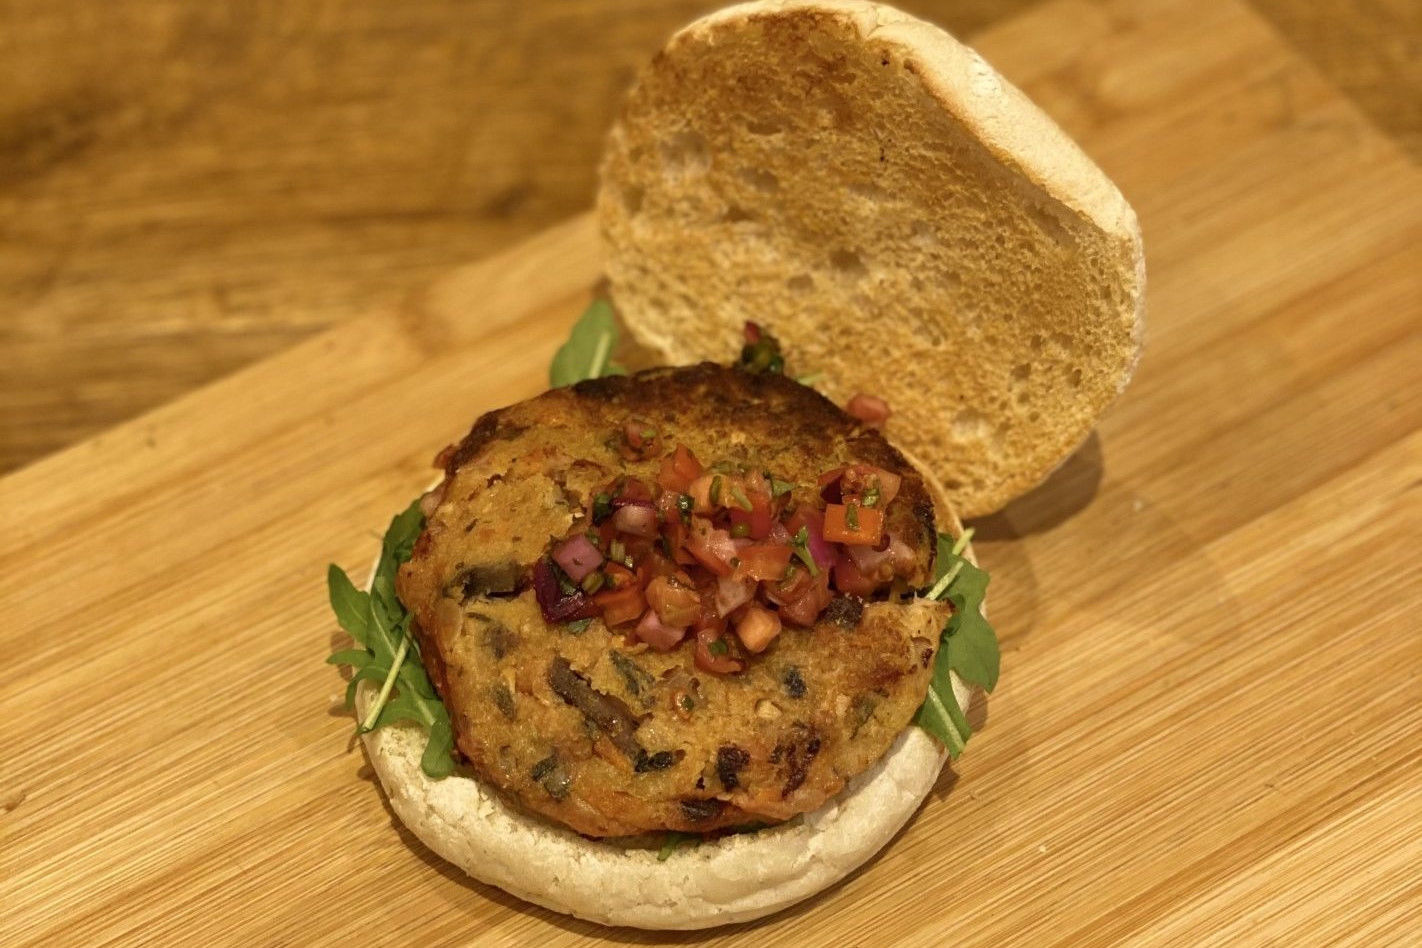 Vergeten groenten burger (vegan)